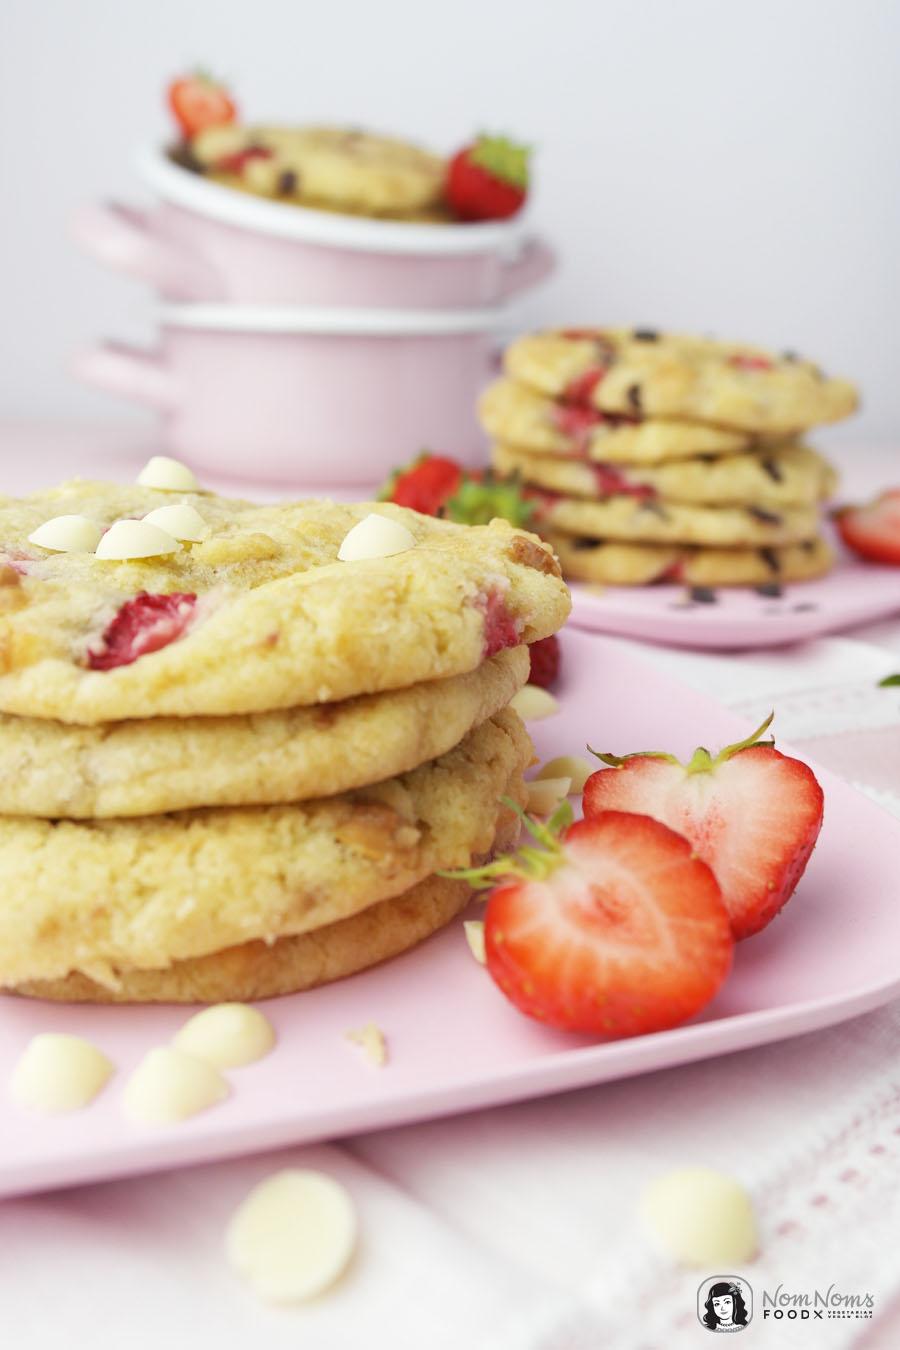 Erdbeer-Schokoladen-Cookies mit dunkler und weißer Schokolade